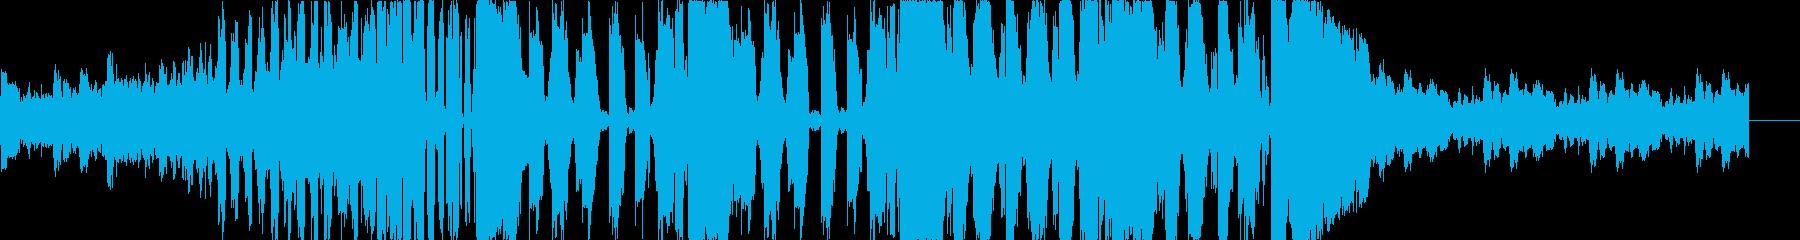 クラシックとダブステップのコラボEDMの再生済みの波形